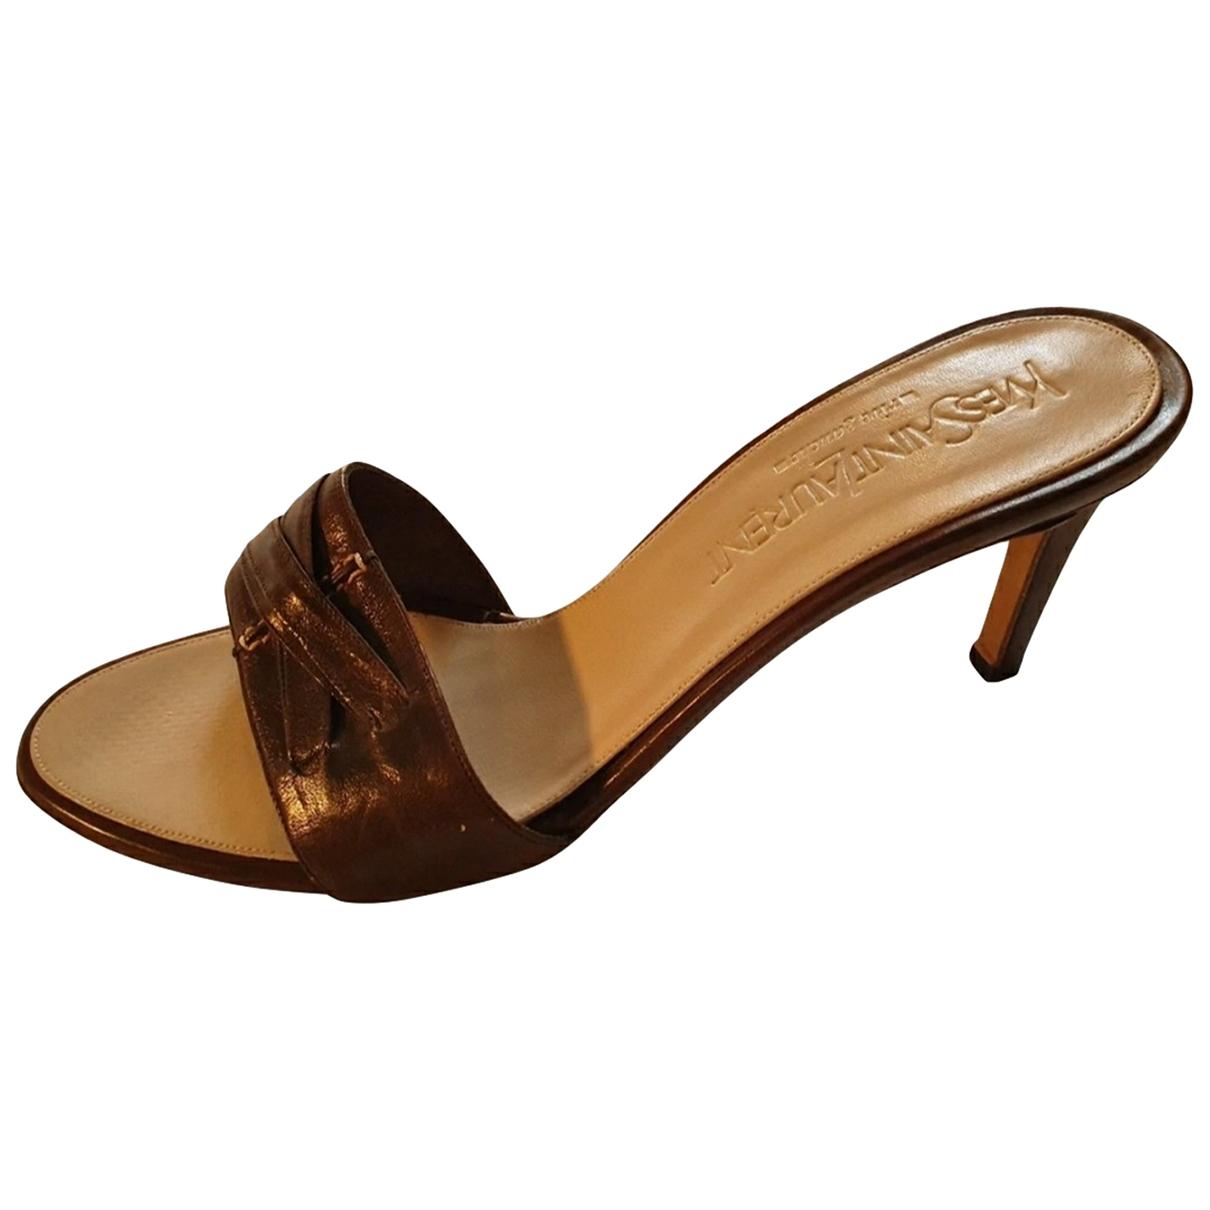 Yves Saint Laurent - Sandales   pour femme en cuir - marron